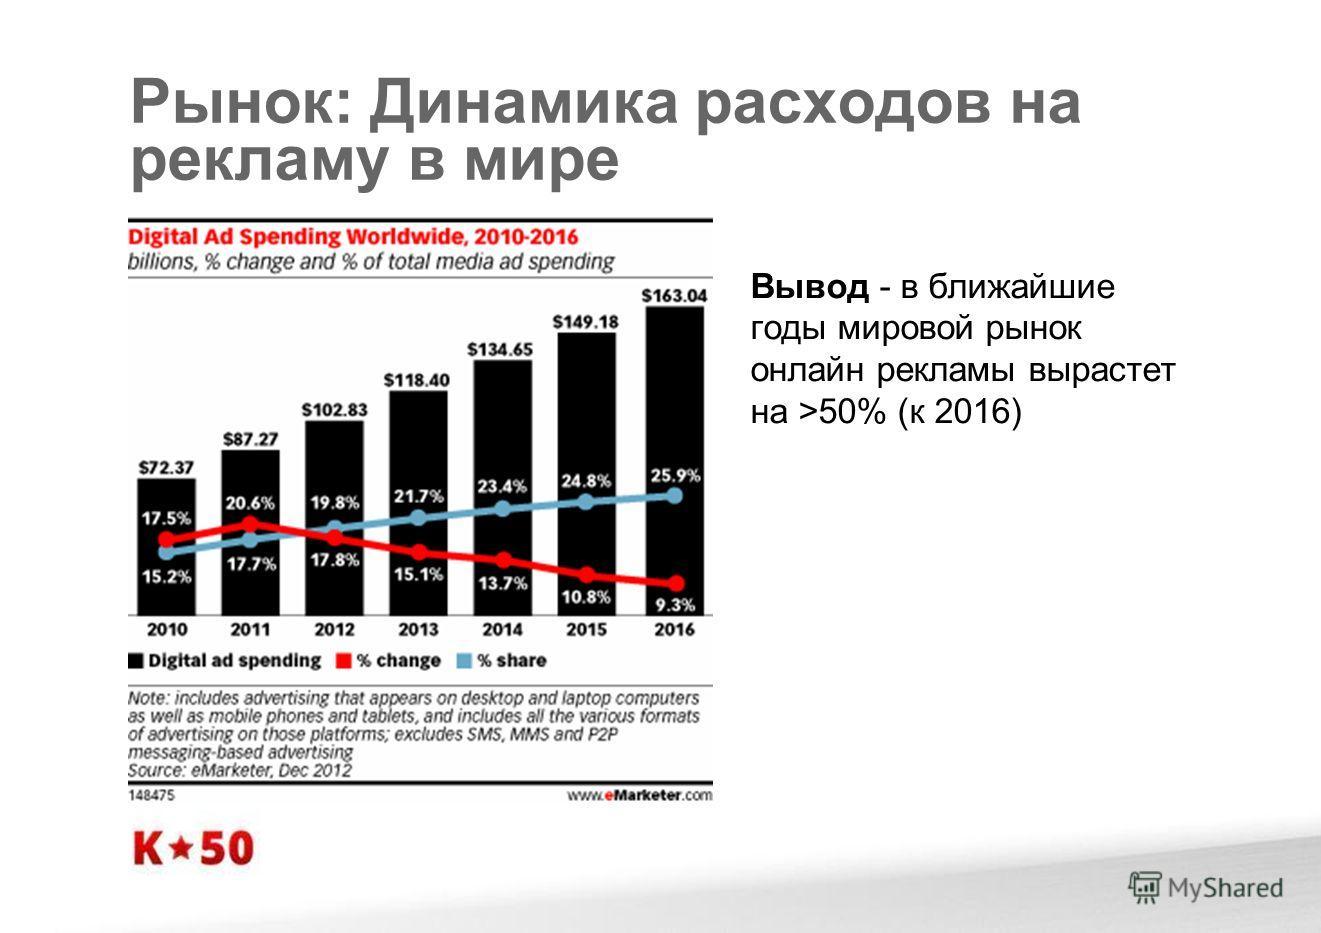 Рынок: Динамика расходов на рекламу в мире Вывод - в ближайшие годы мировой рынок онлайн рекламы вырастет на >50% (к 2016)